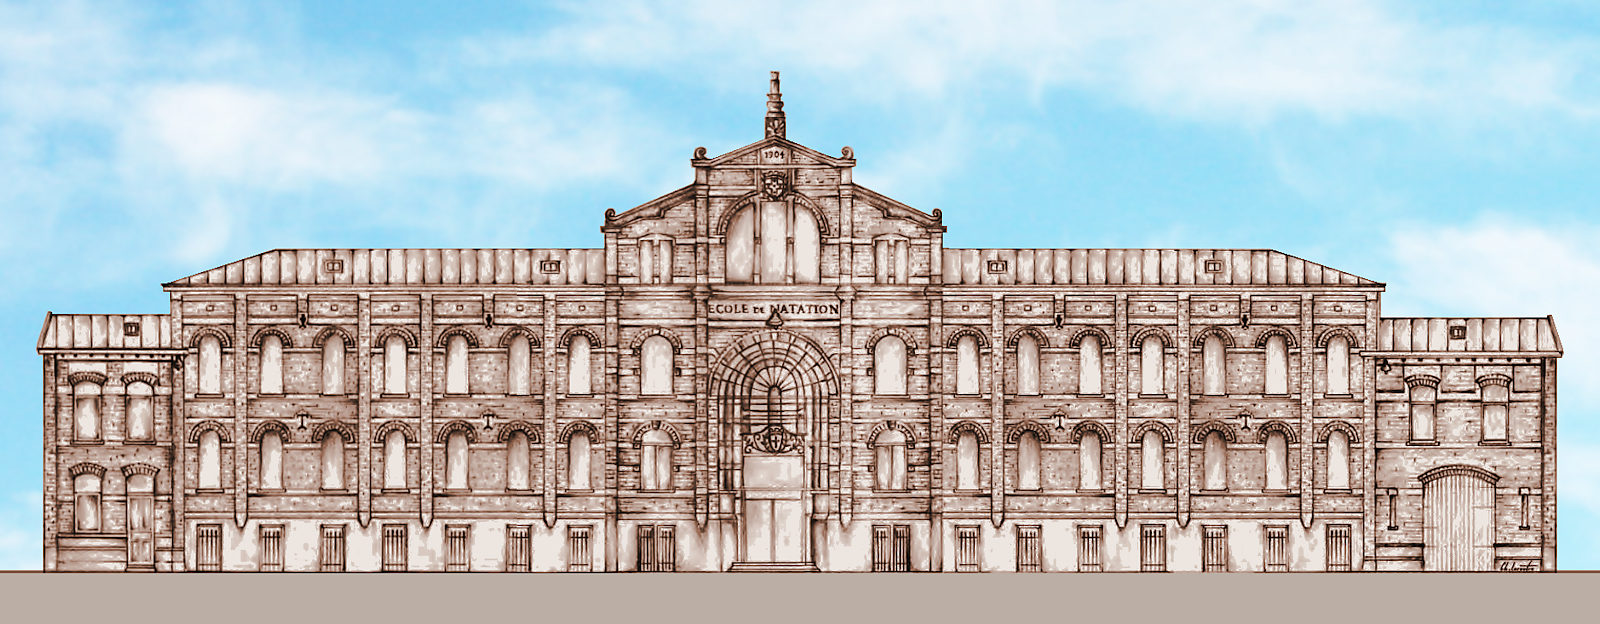 Ancienne École de Natation - Tourcoing